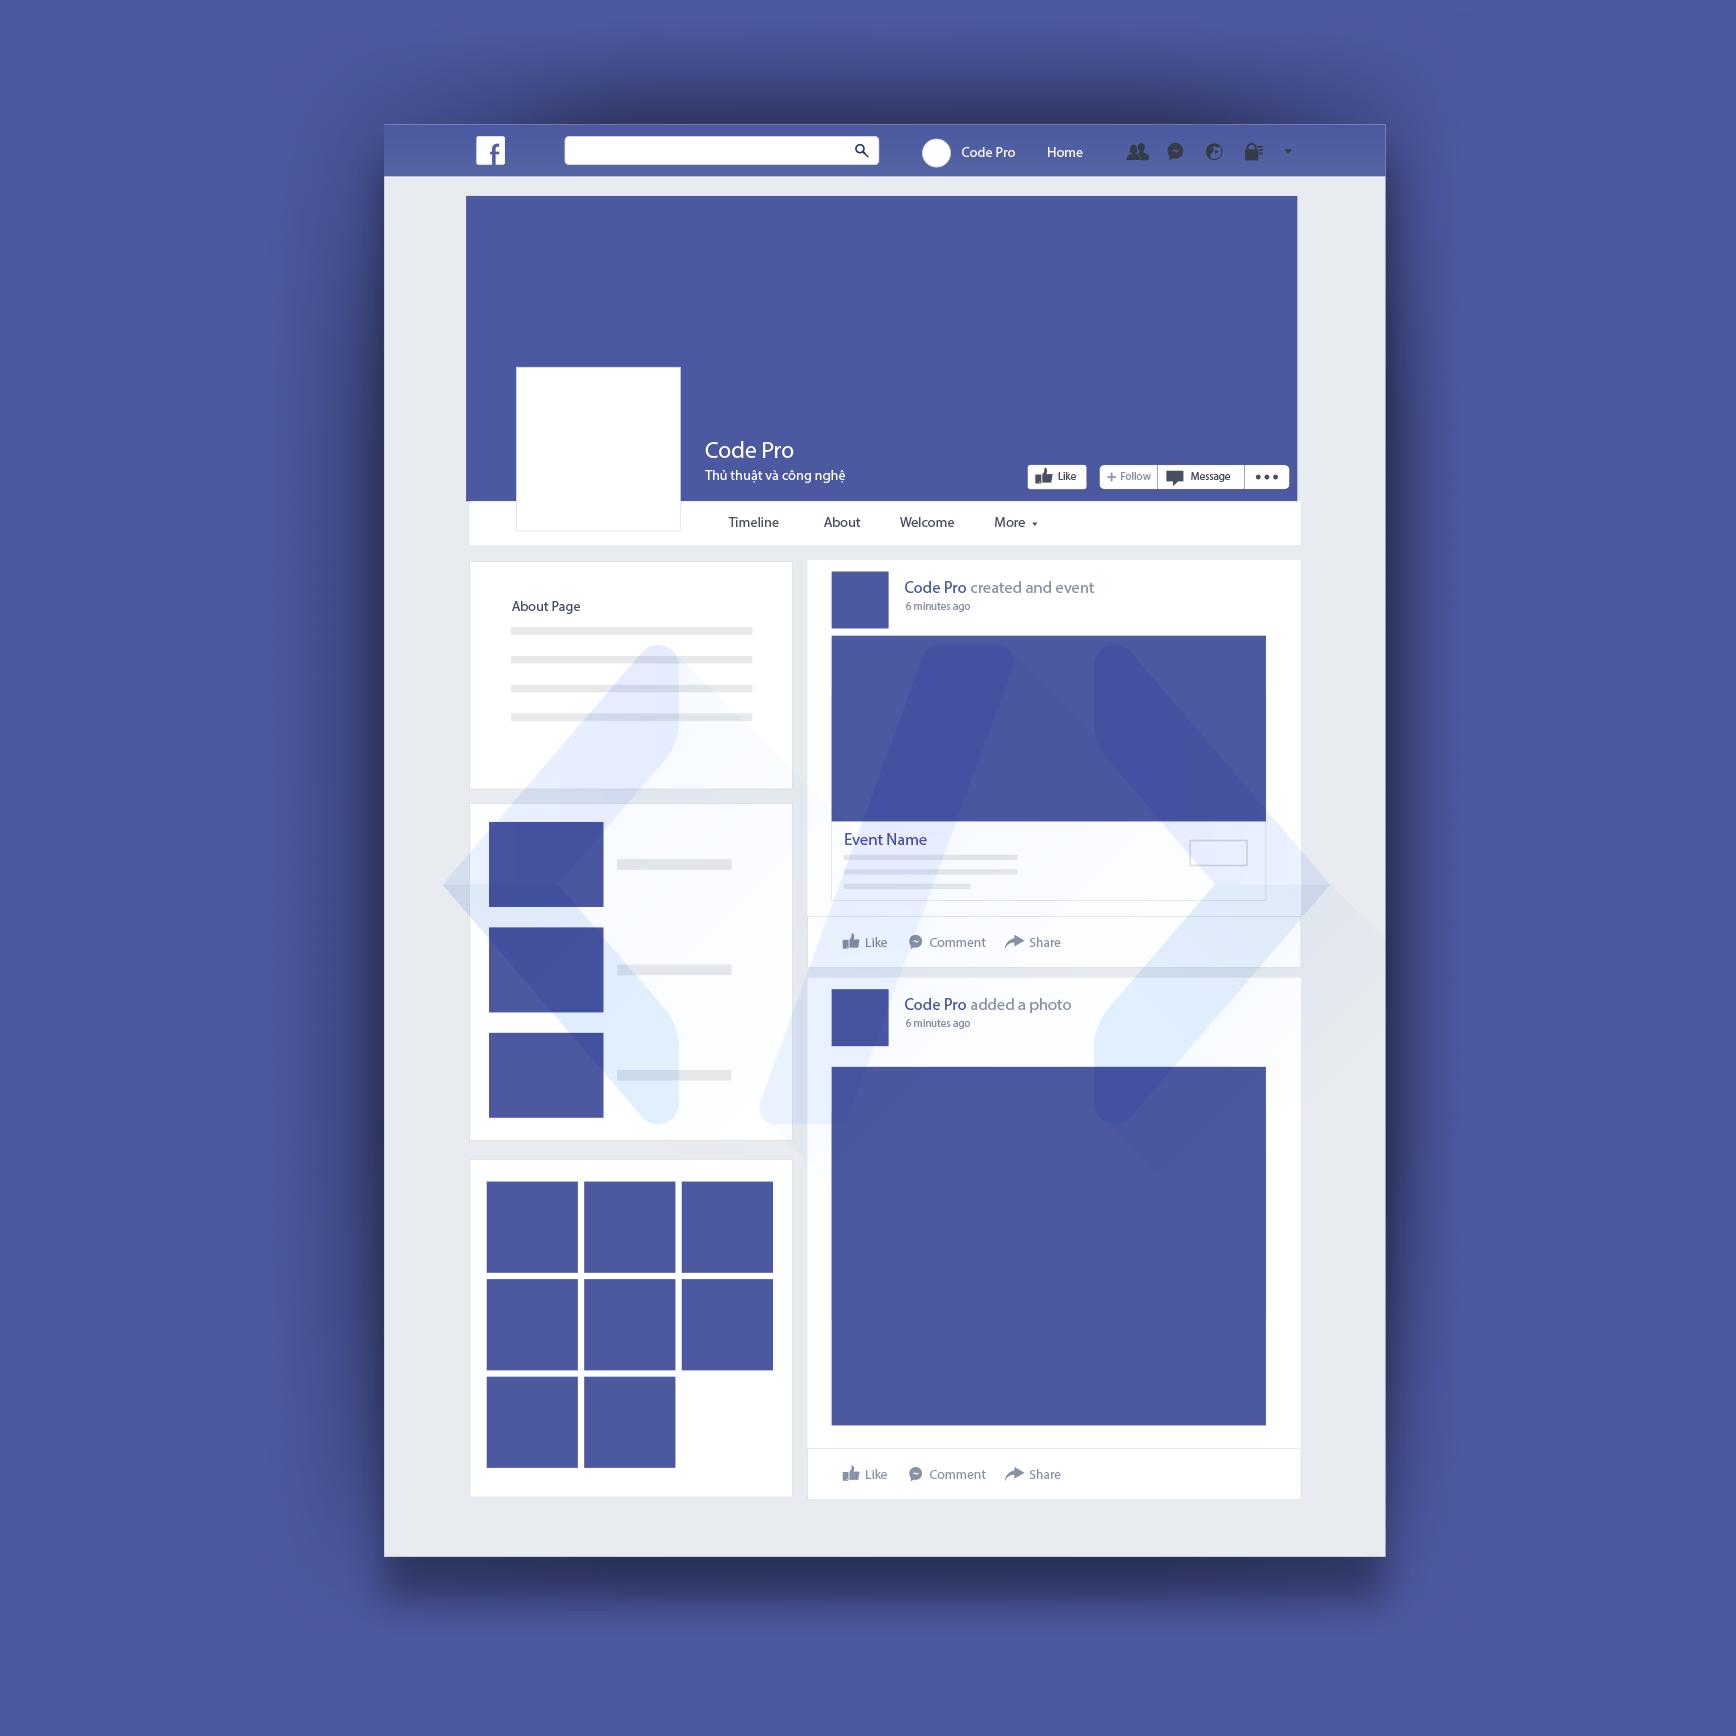 đặt tên Fanpage Facebook bán hàng chuyên nghiệp và hiệu quả